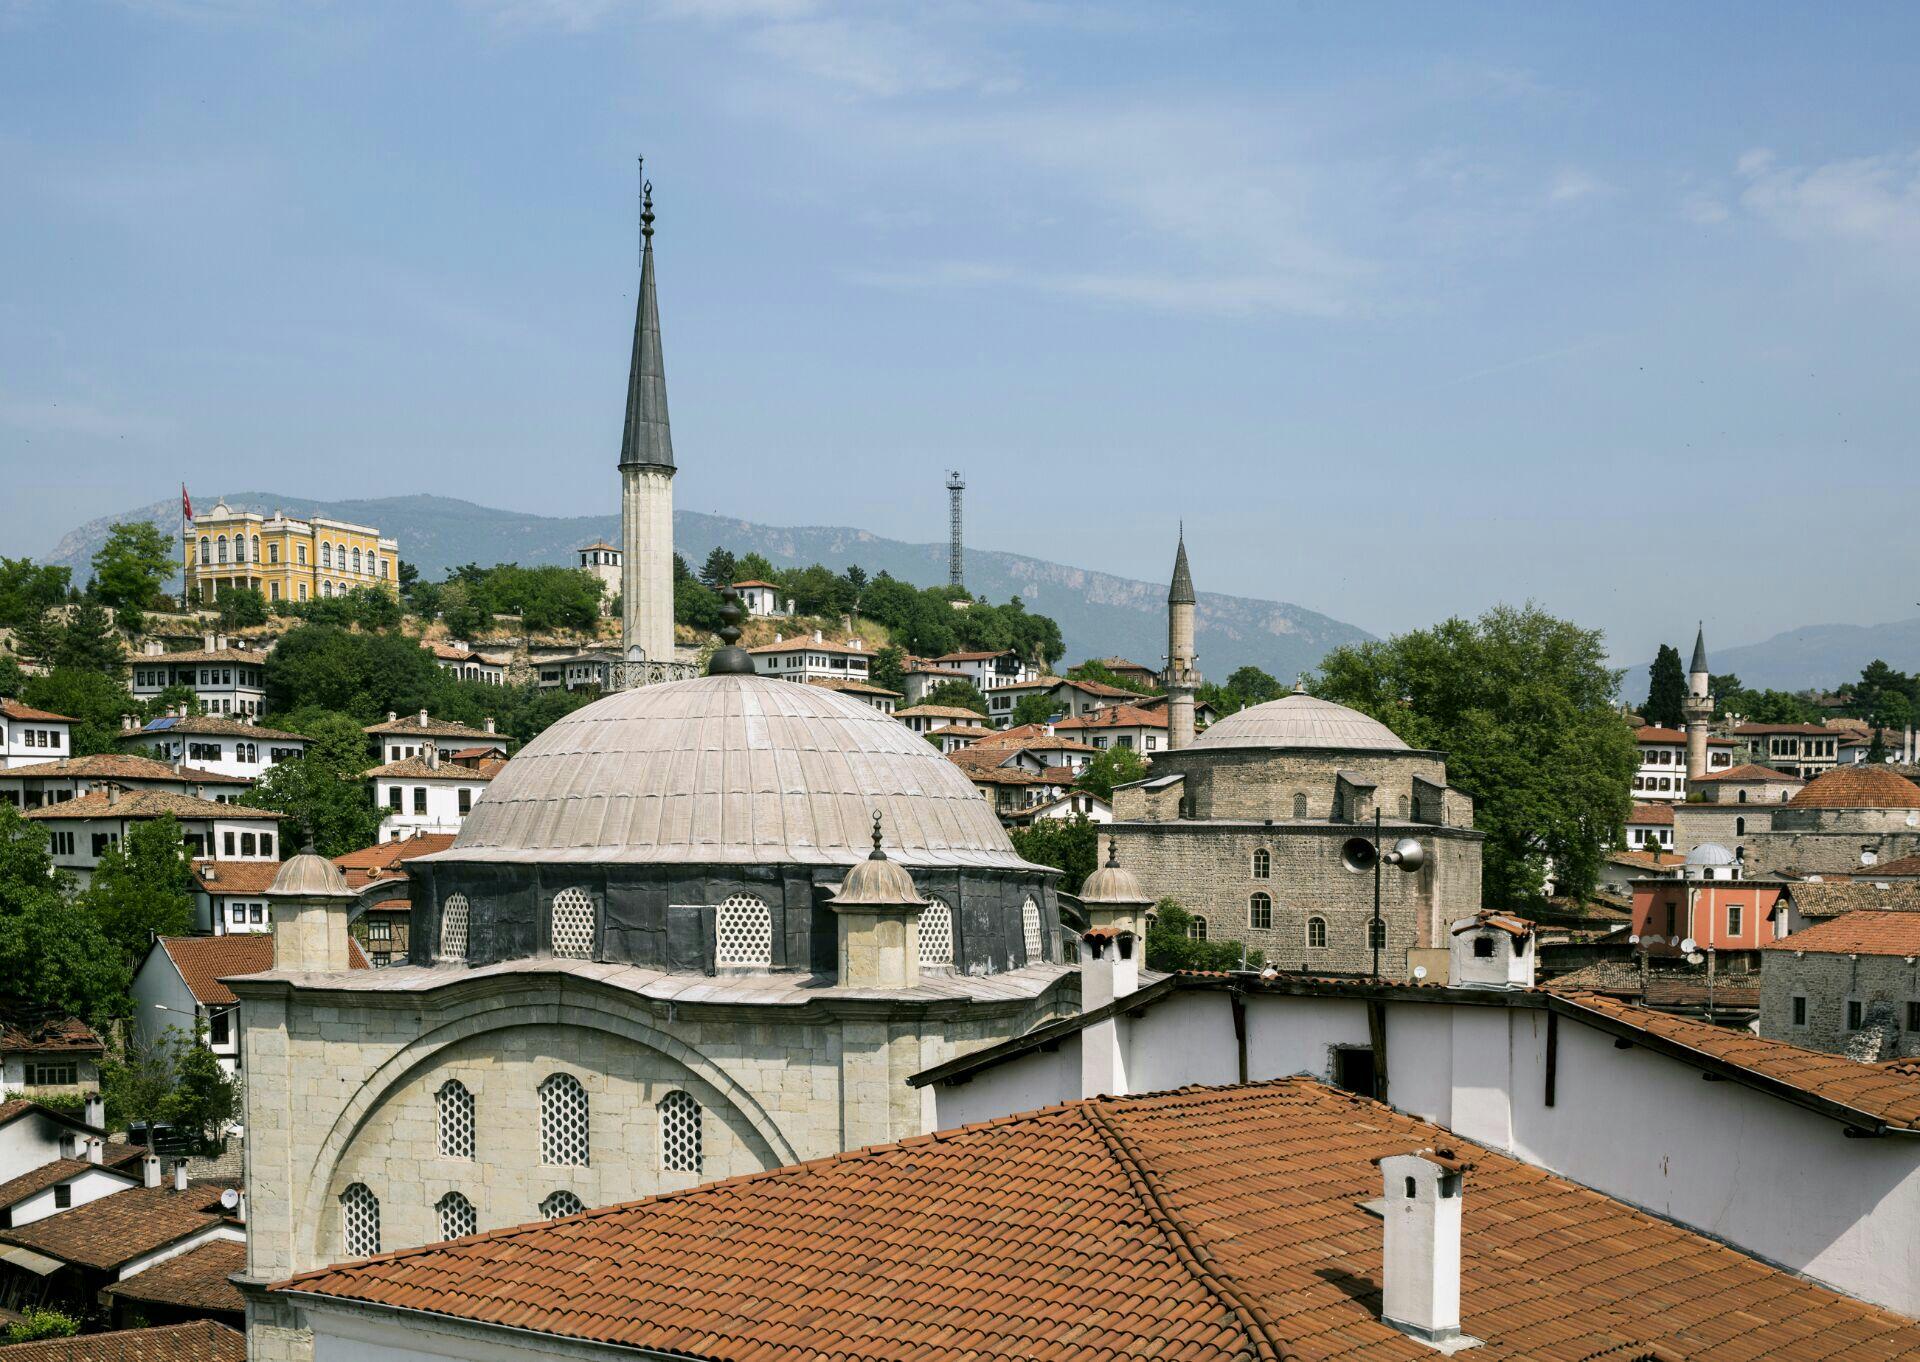 土耳其 萨夫兰博卢(番红花城) Izzet帕夏清真寺